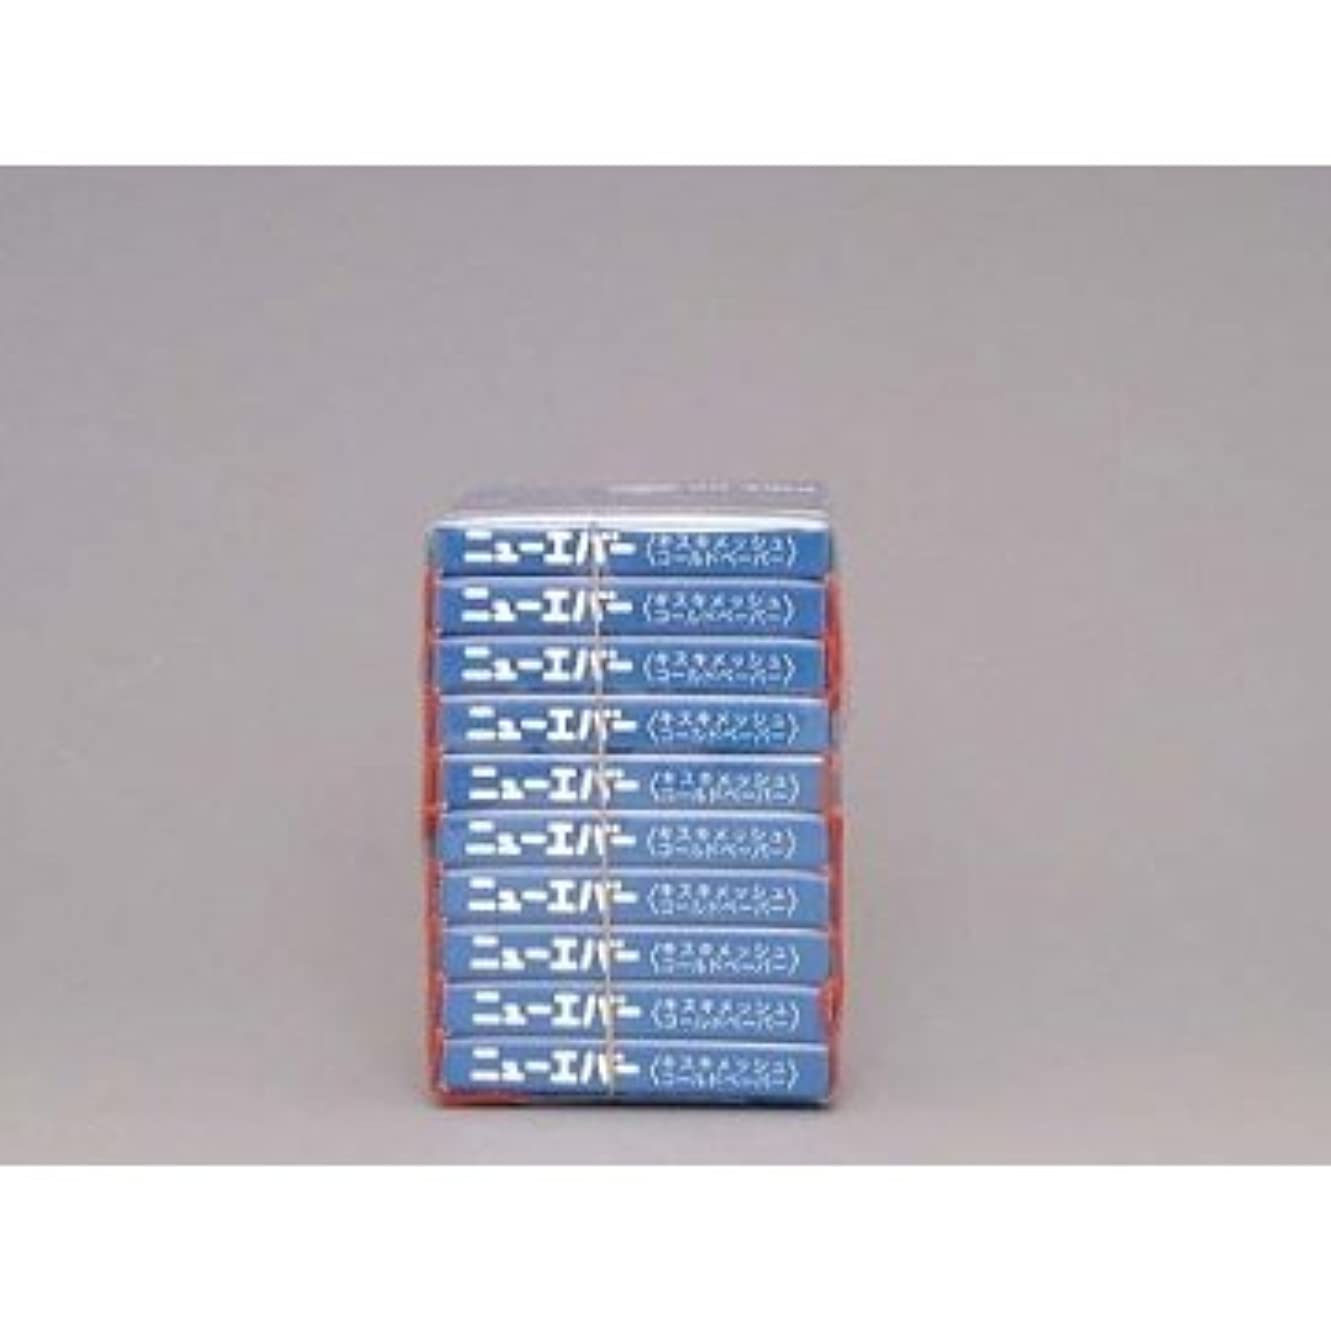 潜在的な放射する今日米正 ニューエバー ピックアップ ハンディタイプL キスキメッシュコールドペーパー 100枚×10ケ入 ブルー